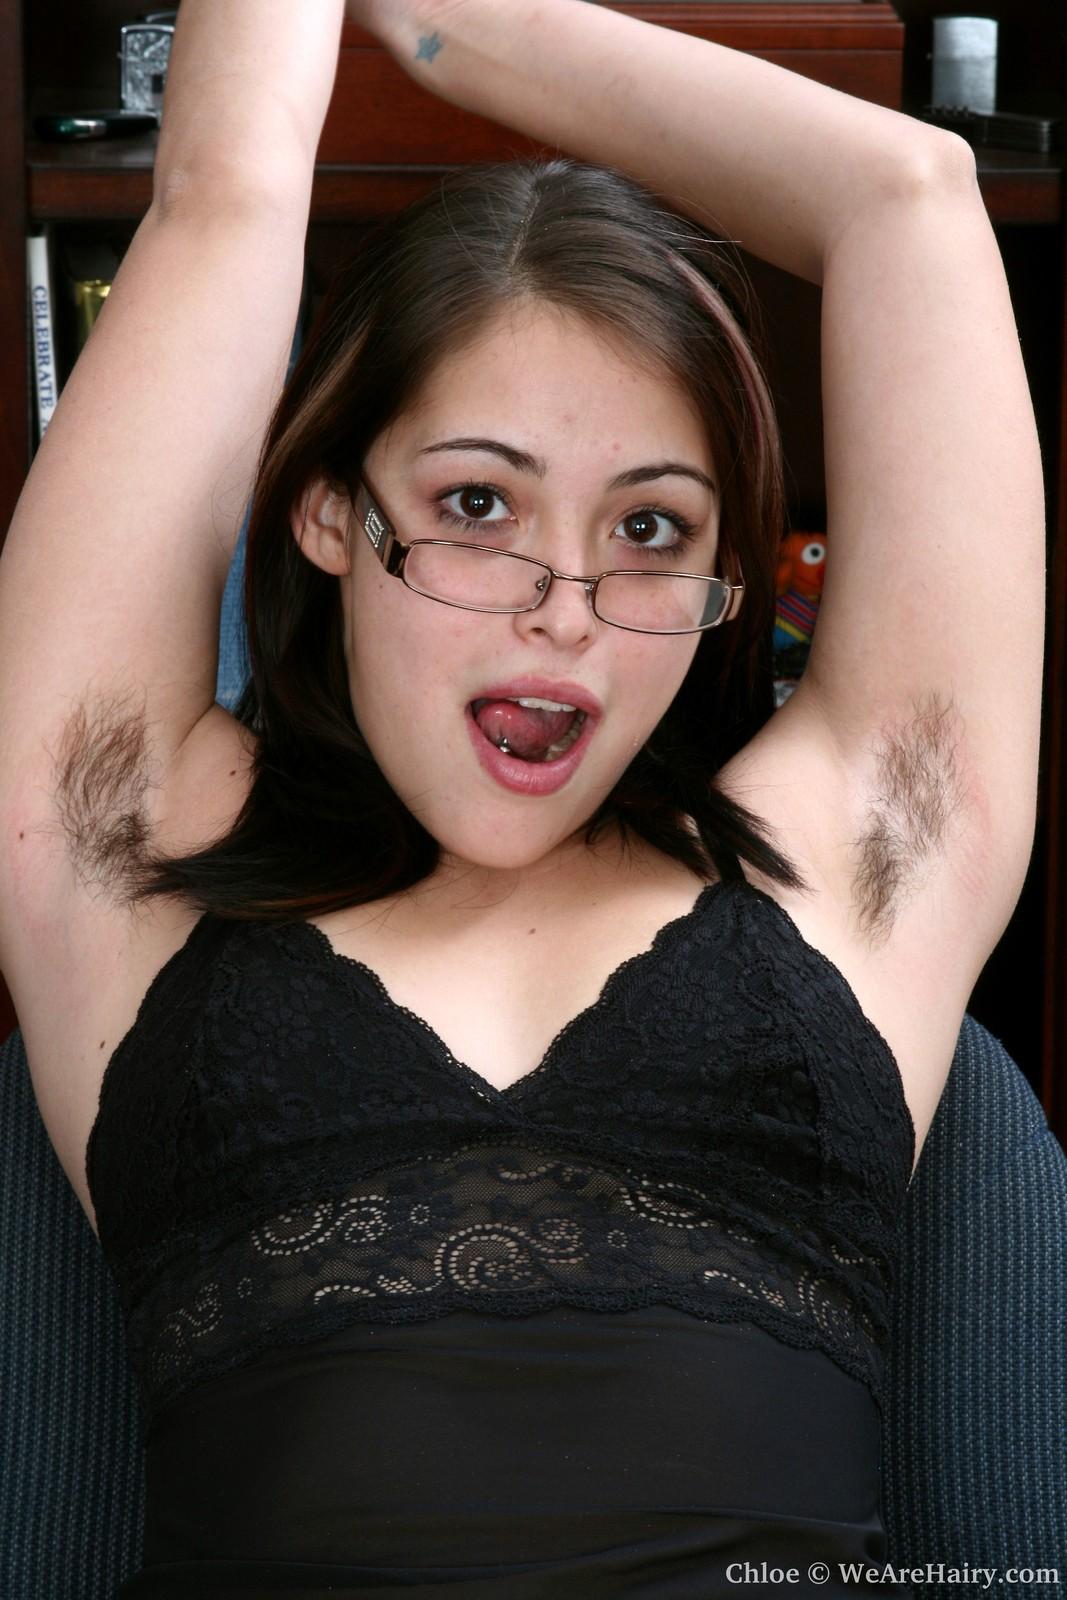 Hairy ladies galleries